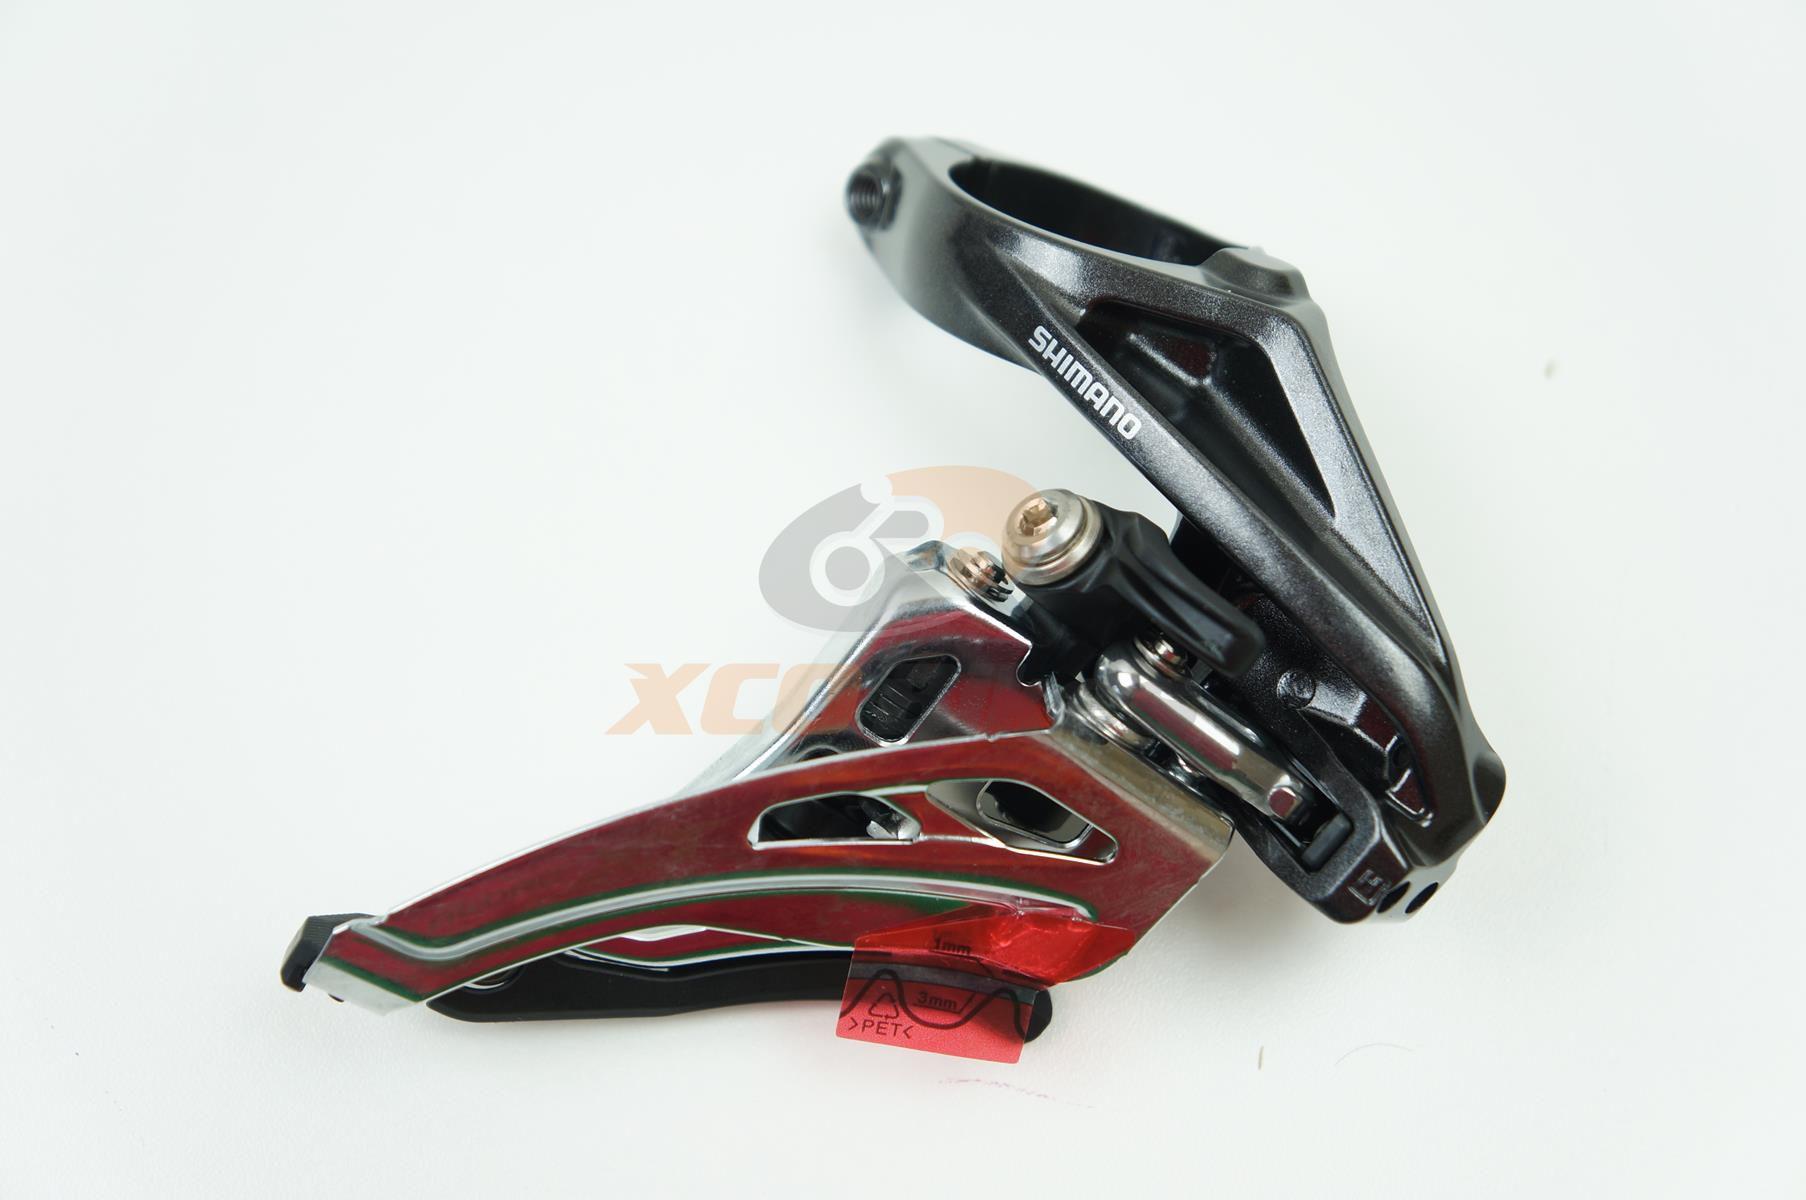 Cambio Dianteiro Shimano XT FD-M8020 2x11 Side Swing 34.9mm